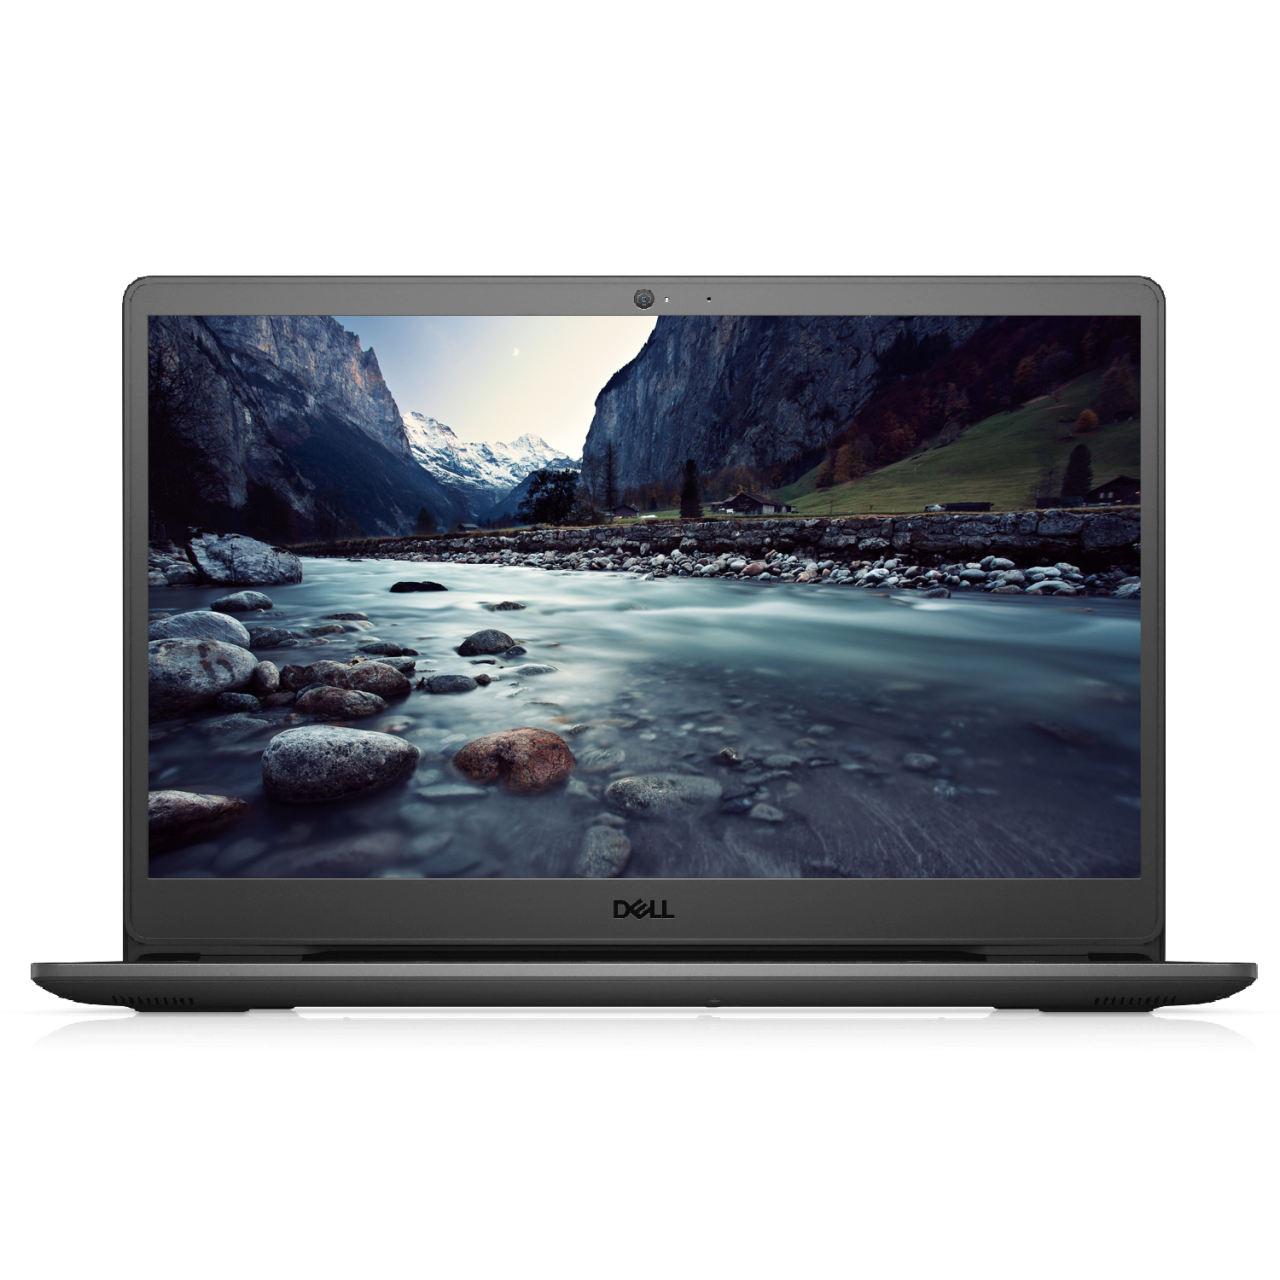 لپ تاپ 15.6 اینچی دل مدل Inspiron 3505